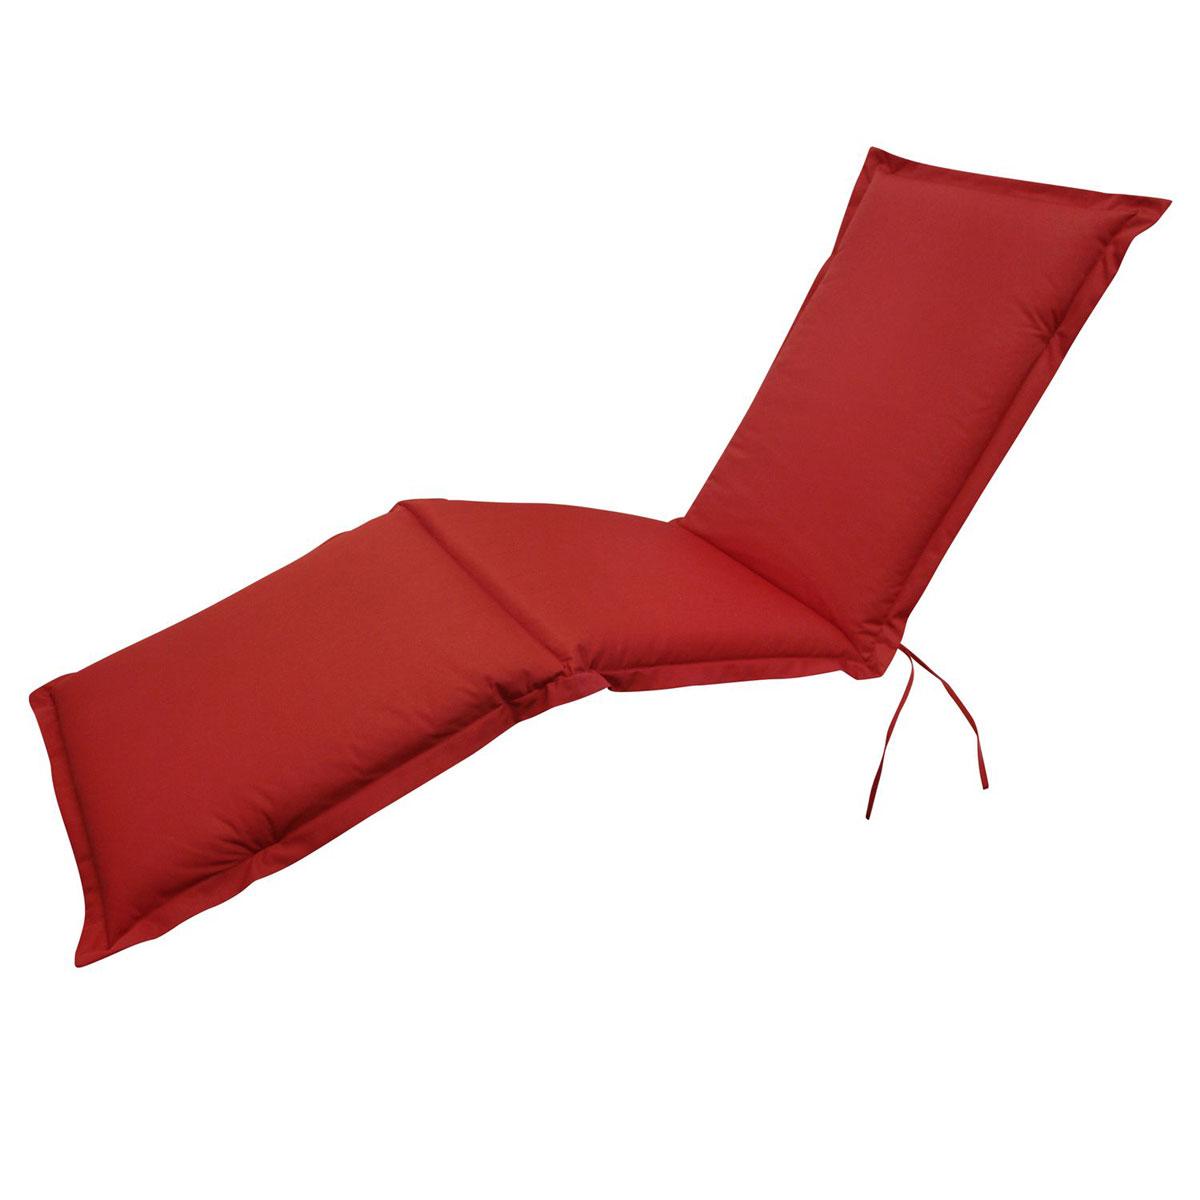 """Truhen und Auflagen - Polsterauflage Deck Chair """"Premium"""", extra dick, Rot  - Onlineshop Hellweg"""